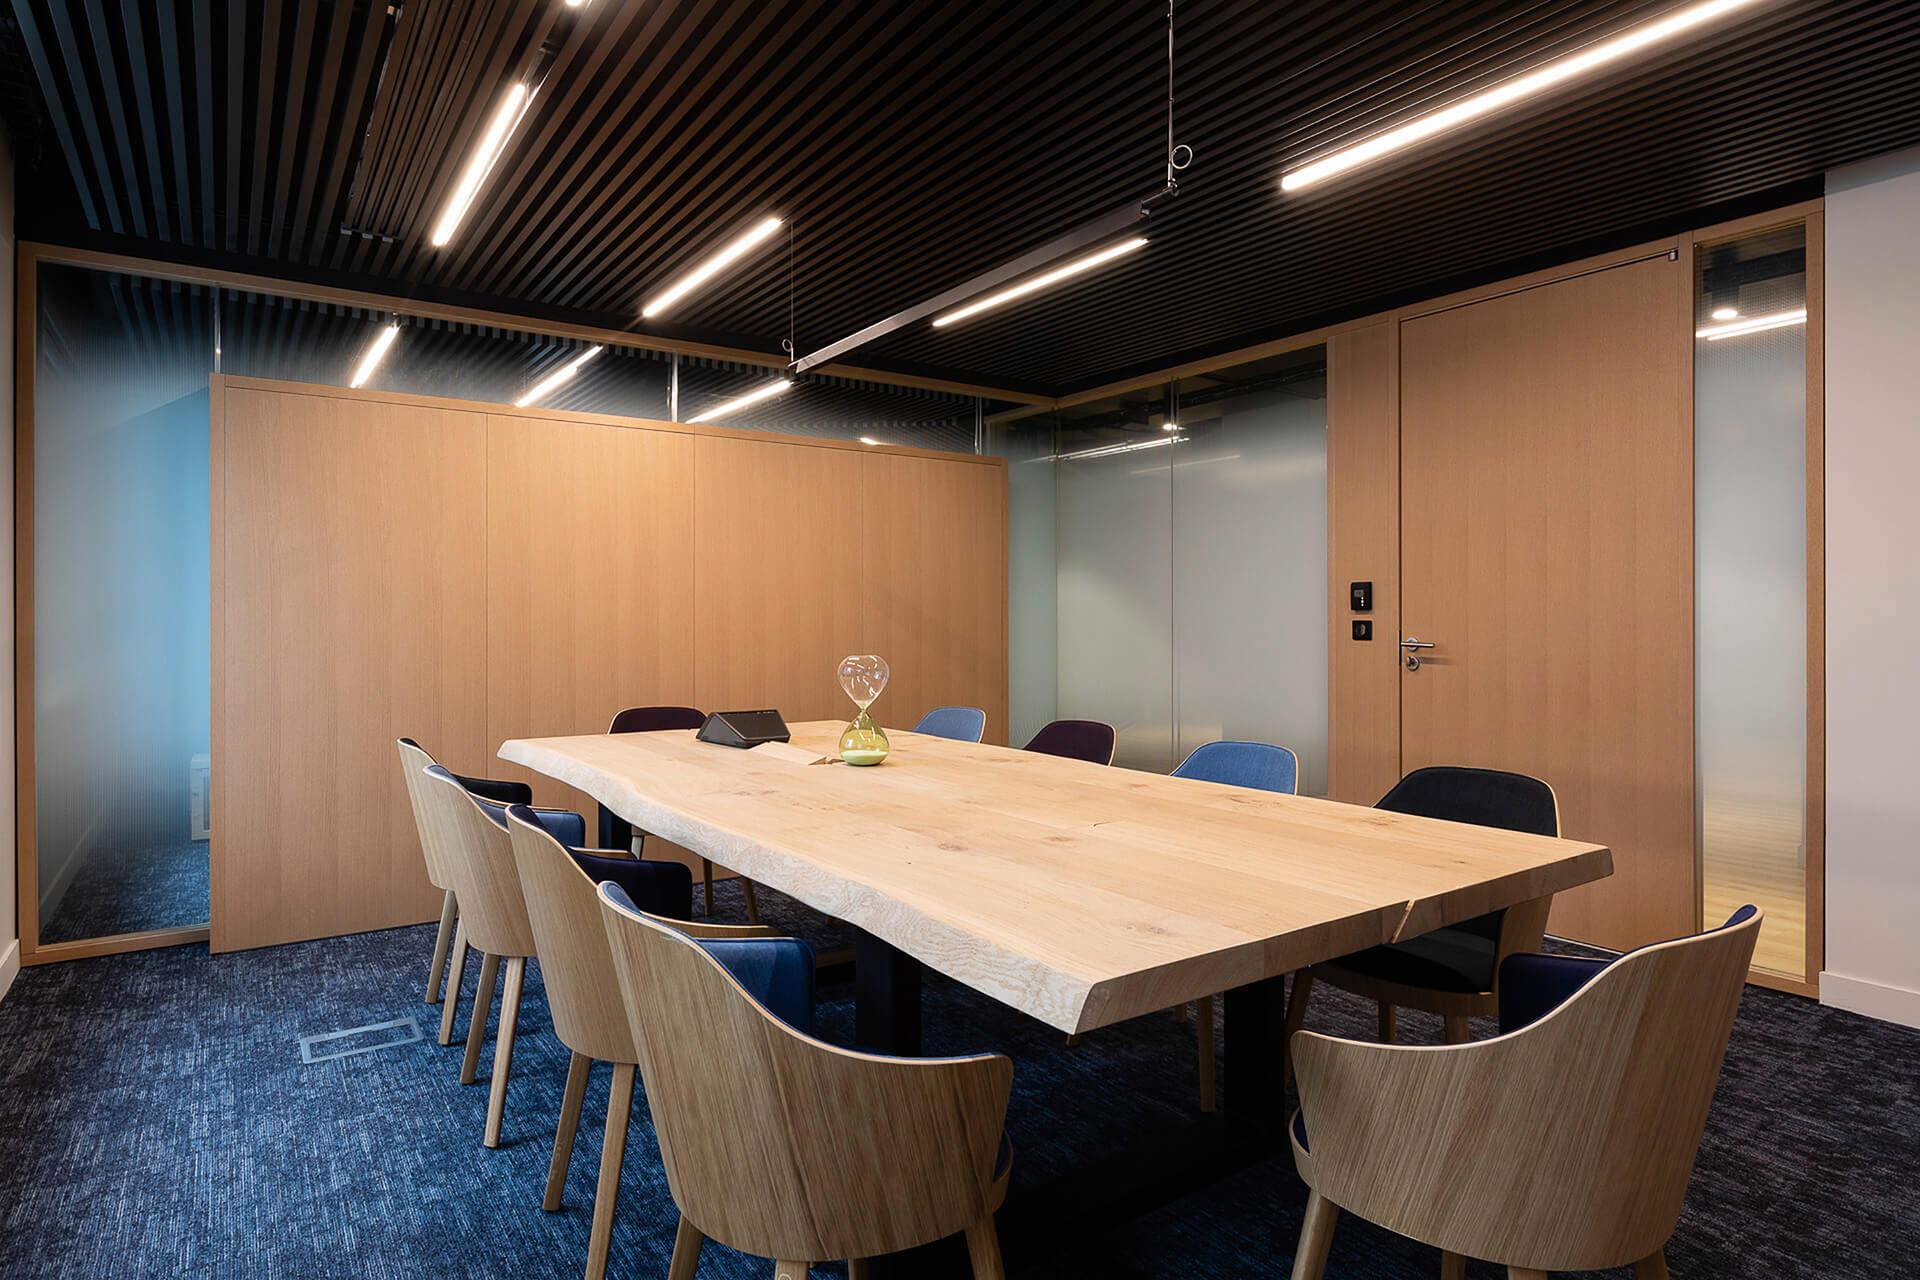 sala de reuniões com peças de mobiliário em madeira